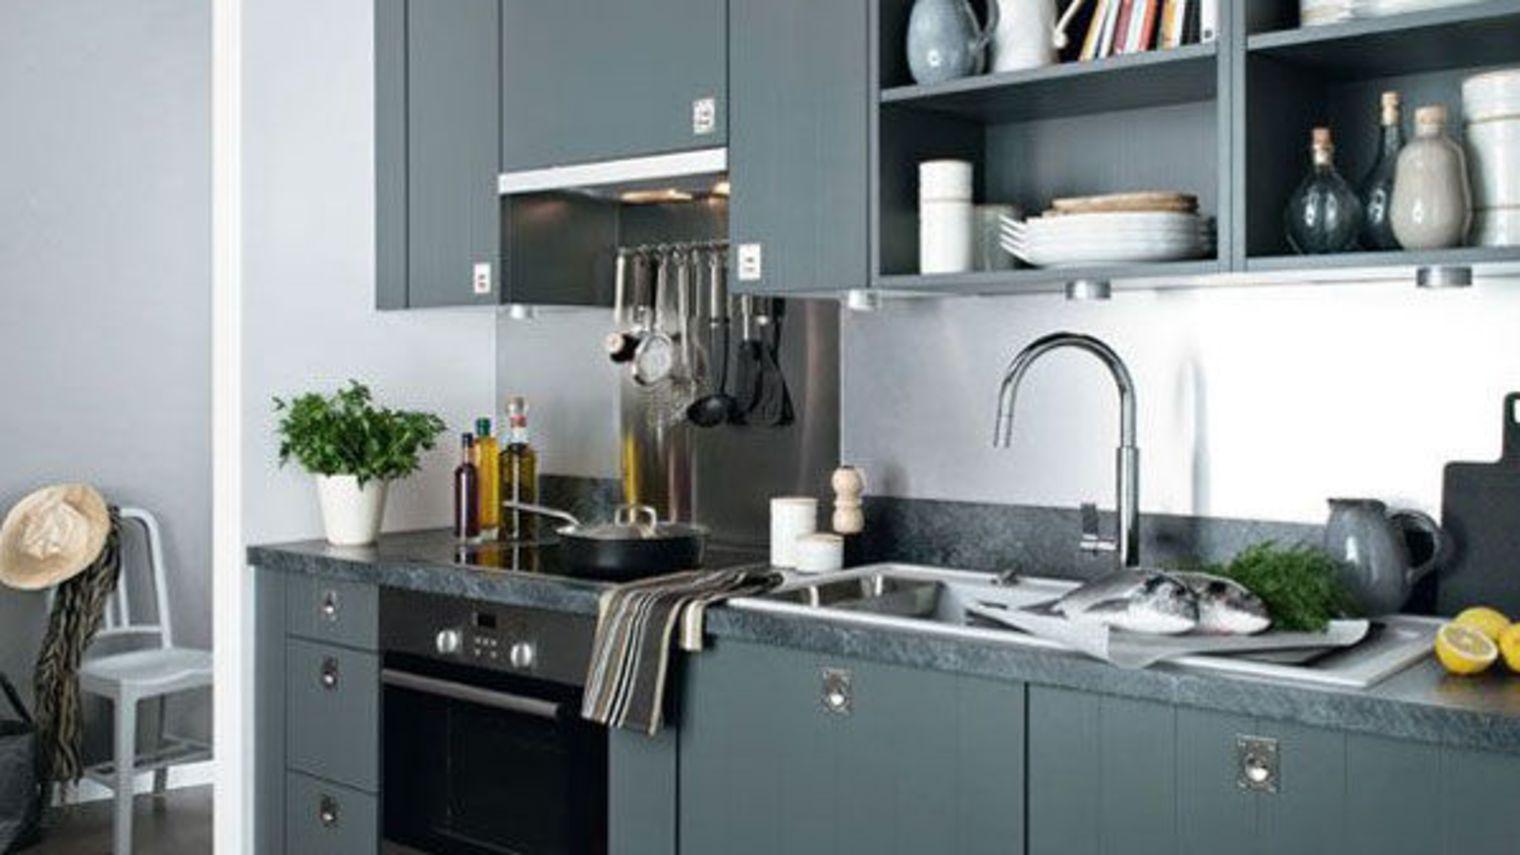 Decoration pour cuisine pas cher maison et mobilier - Relooker cuisine pas cher ...